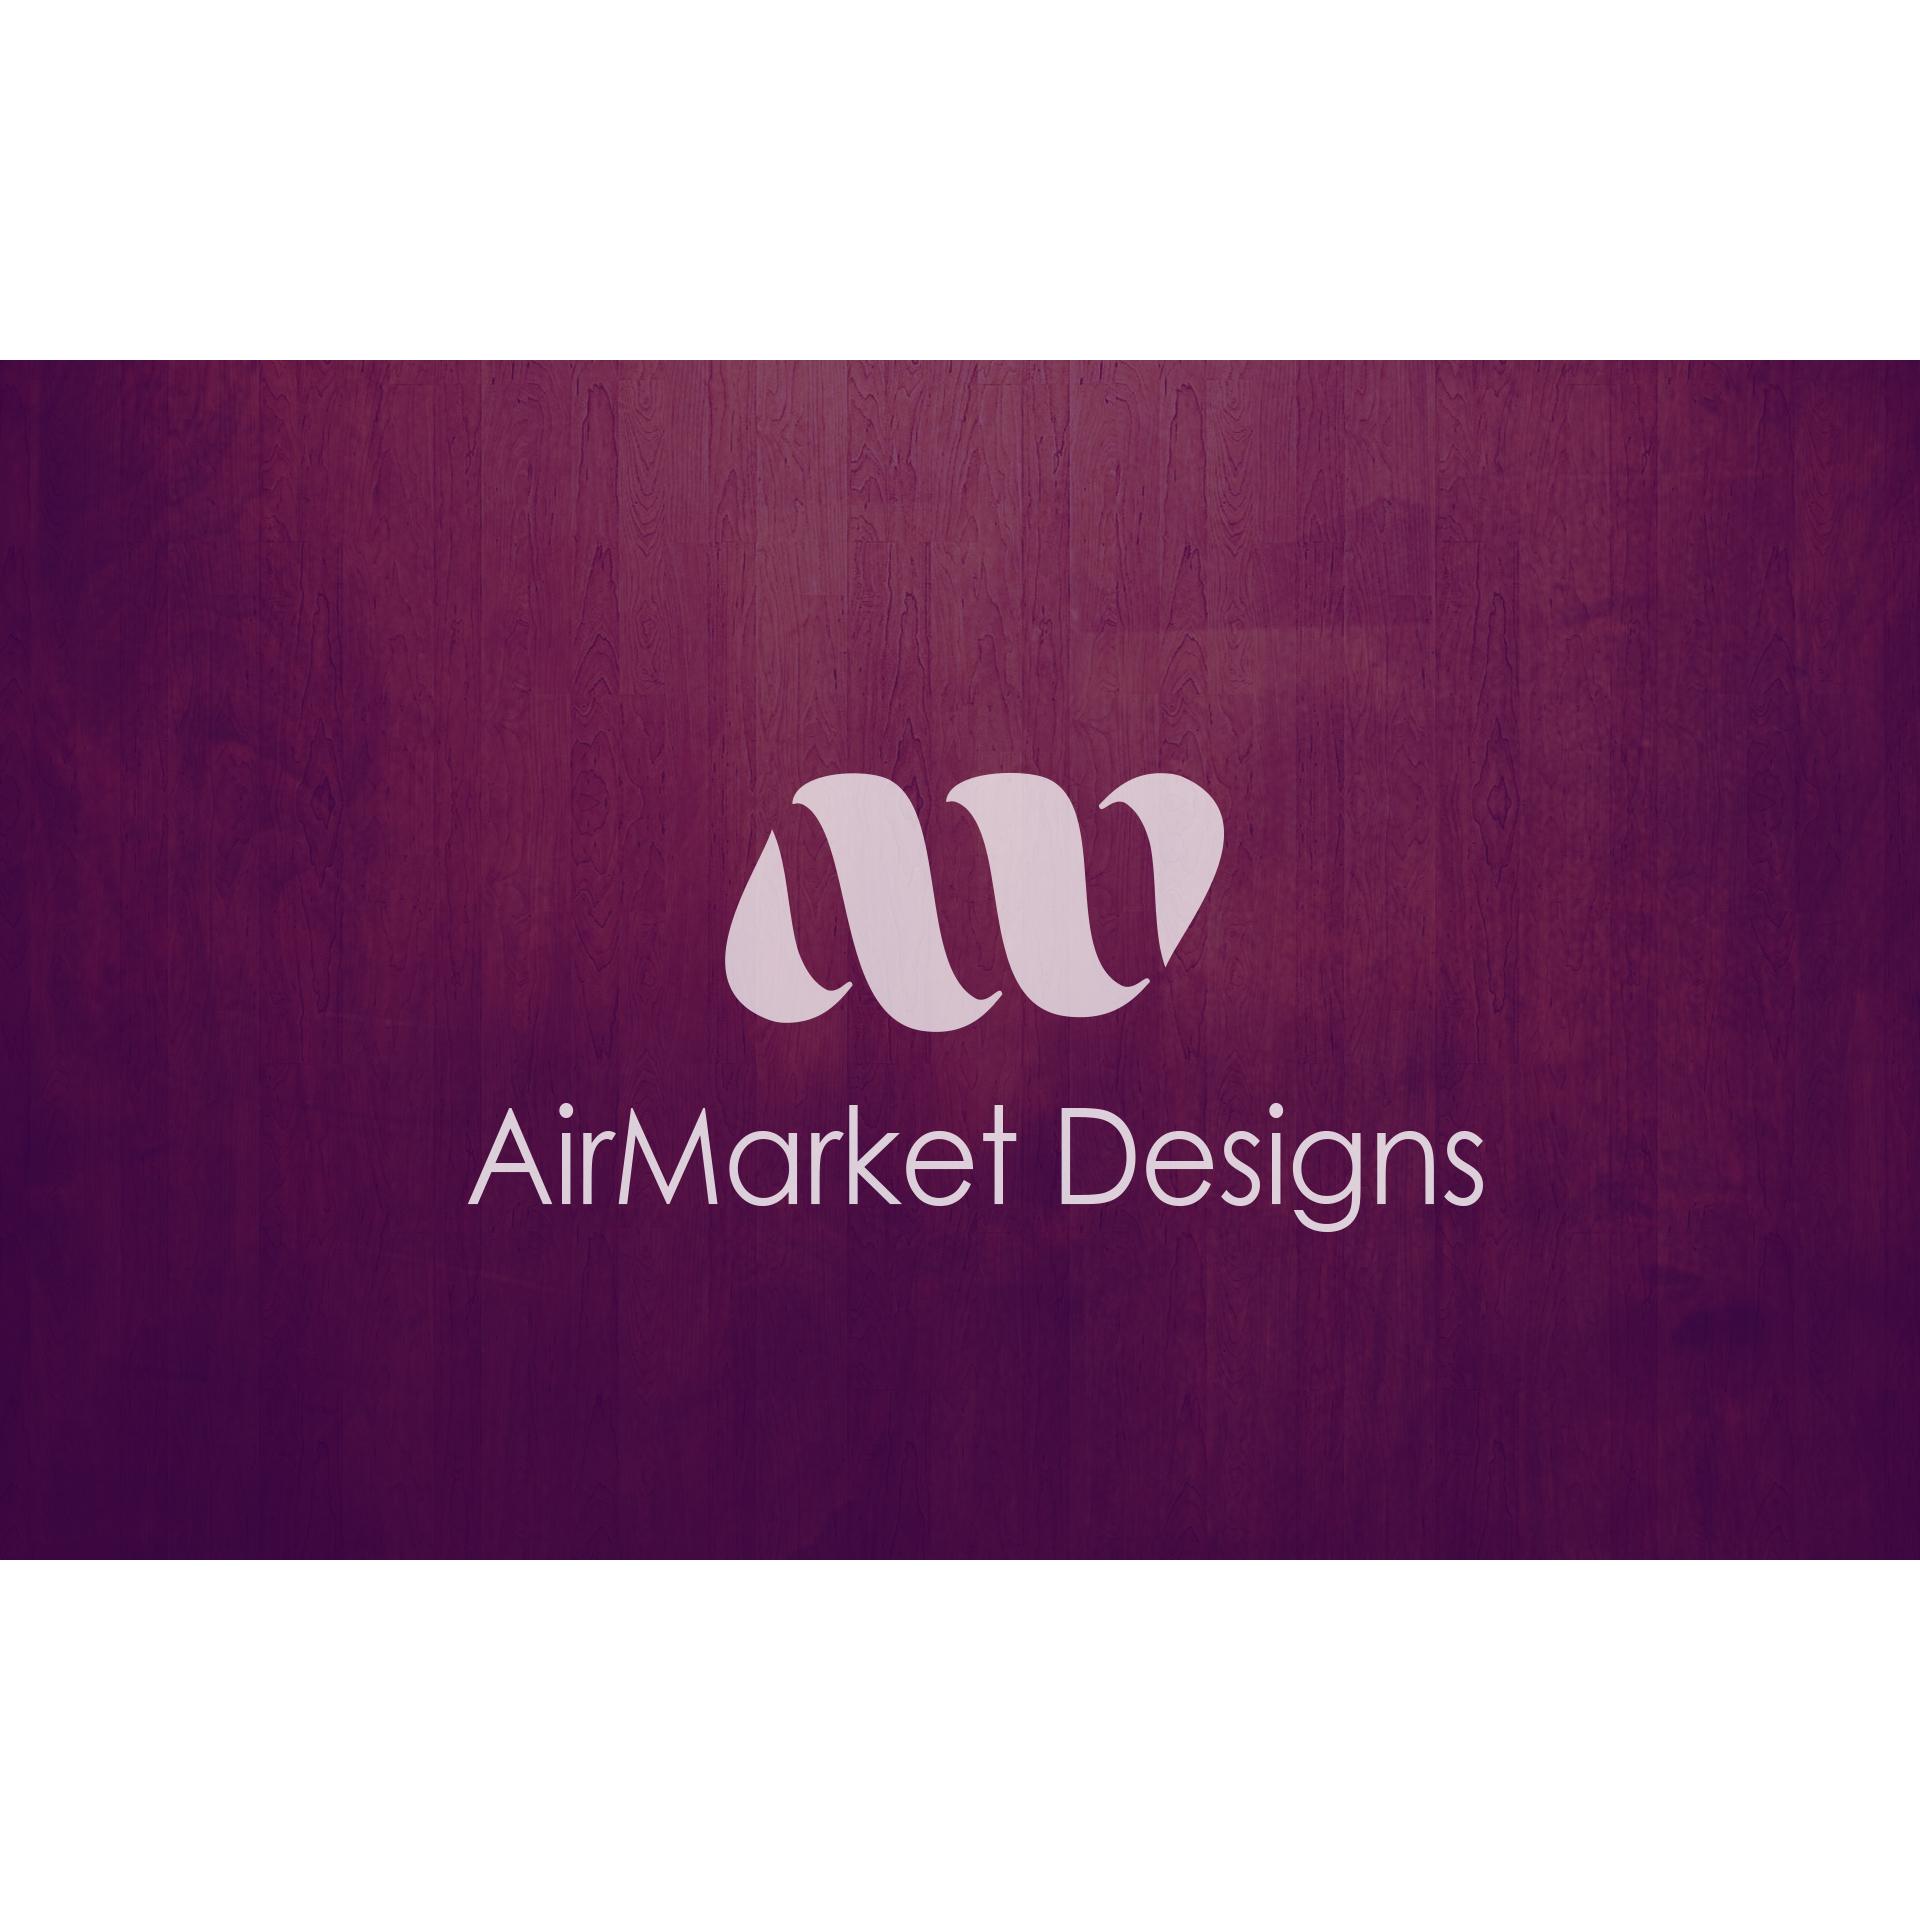 AirMarket Designs